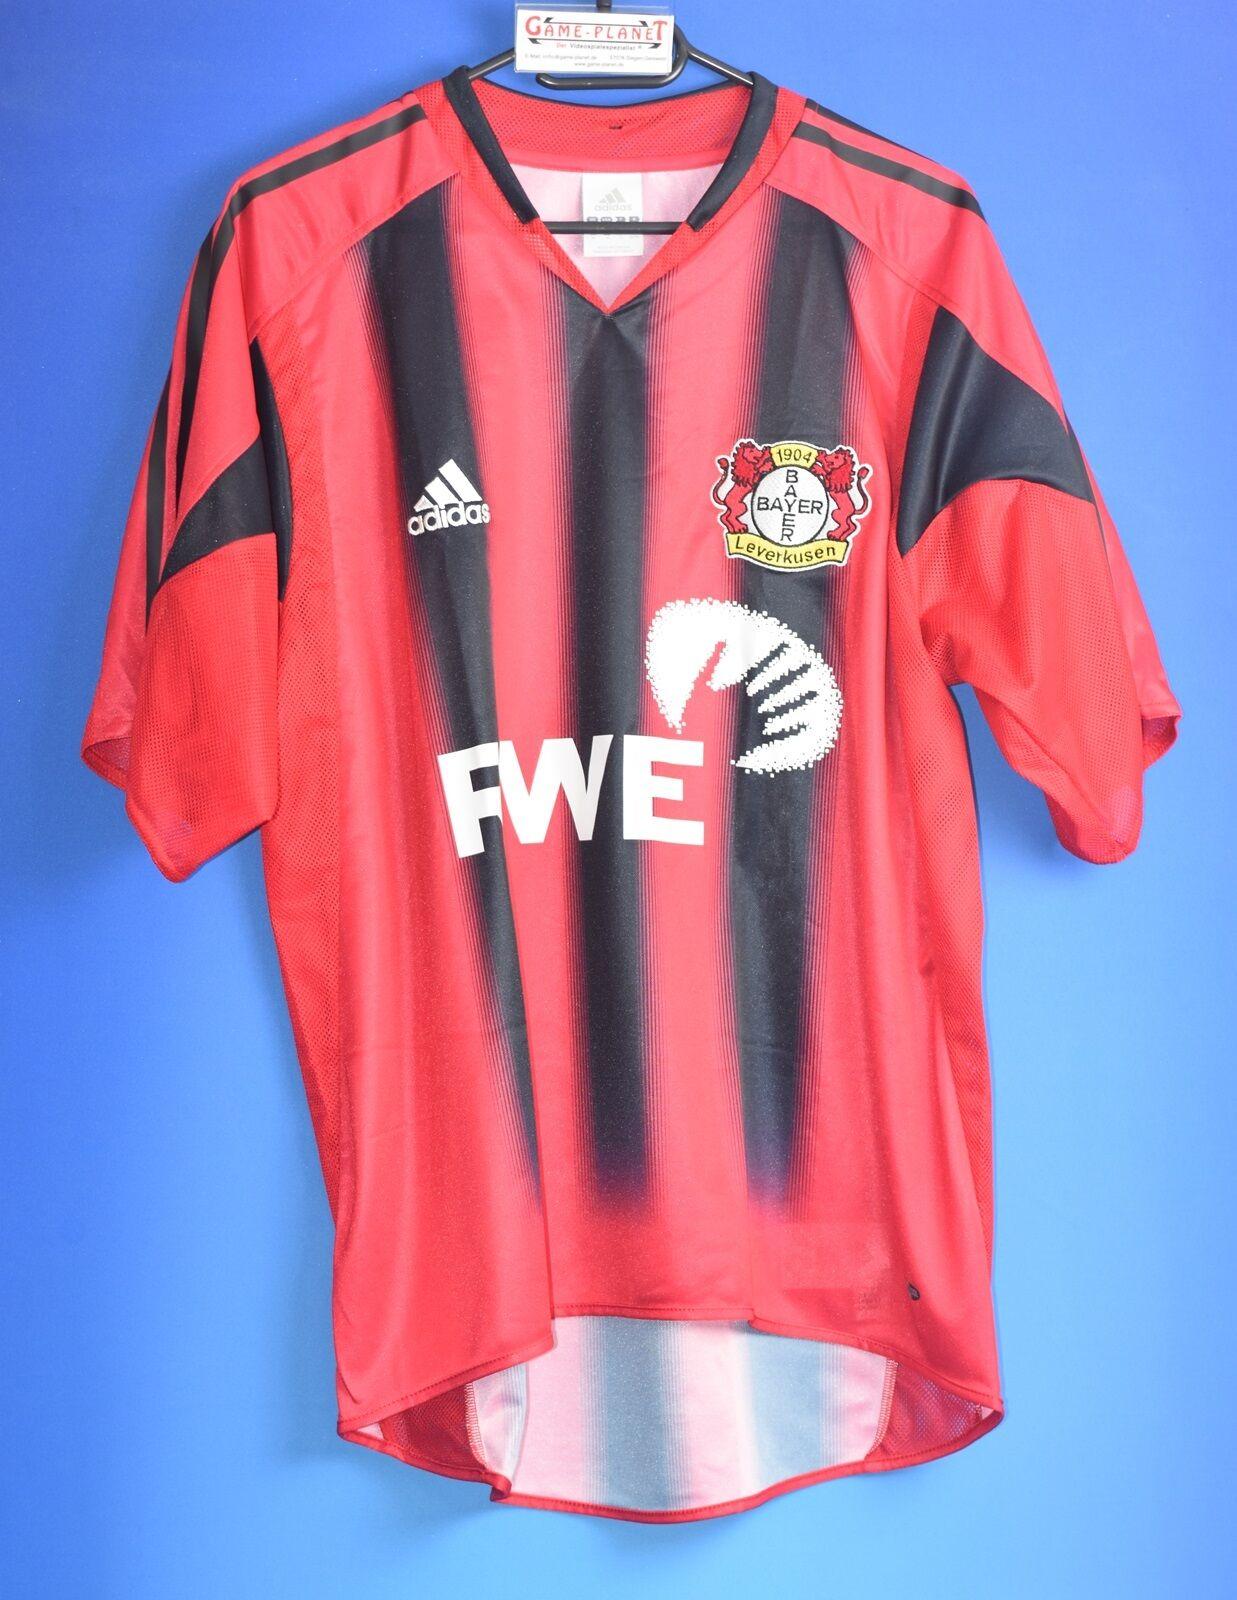 Bayer Leverkusen Bundesliga Gr.M Trikot 1 Liga Bundesliga Bayer 04 Fussball RWE    Räumungsverkauf